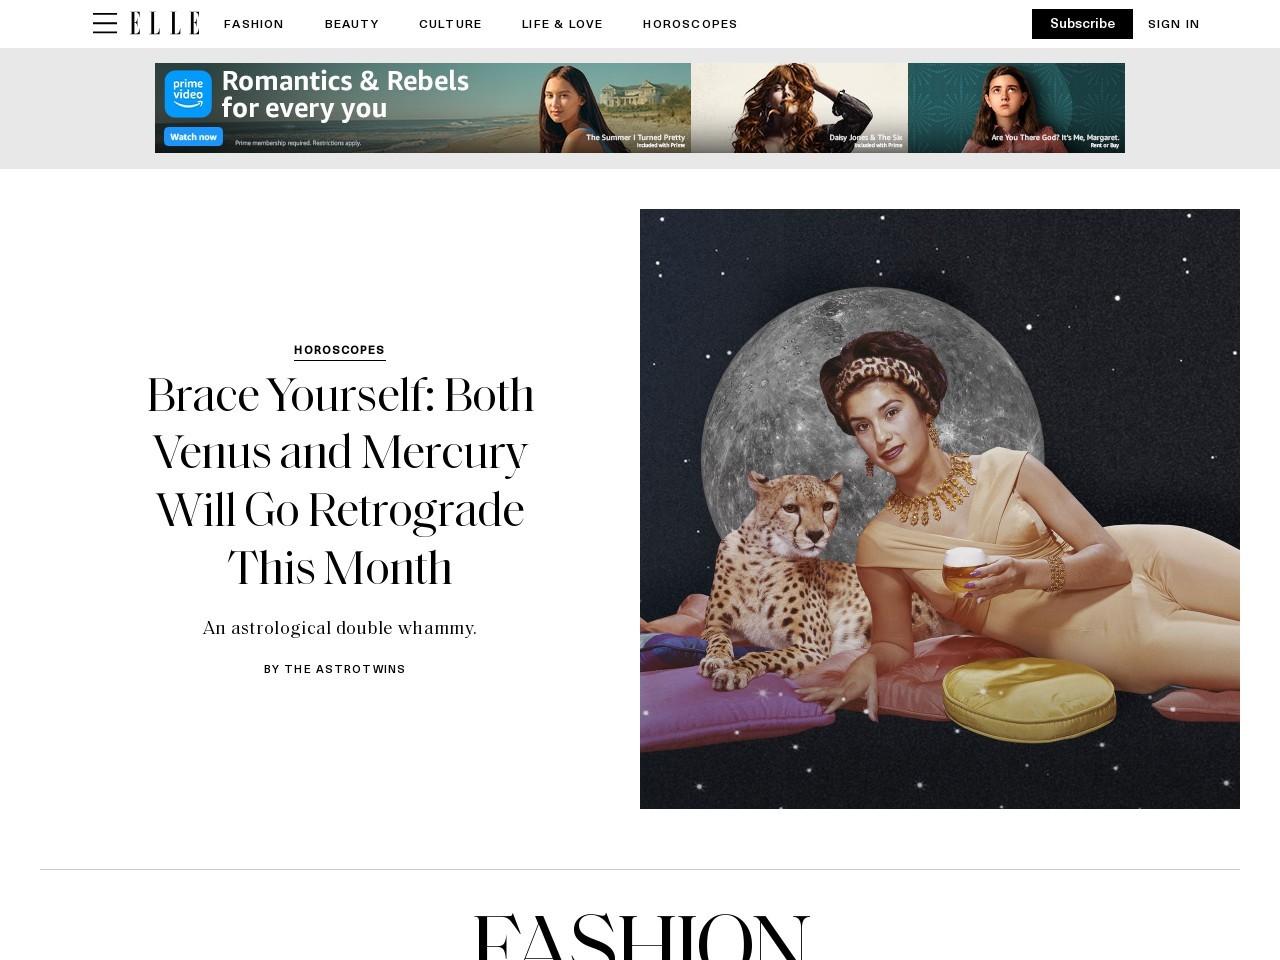 Captura de pantalla de www.elle.com